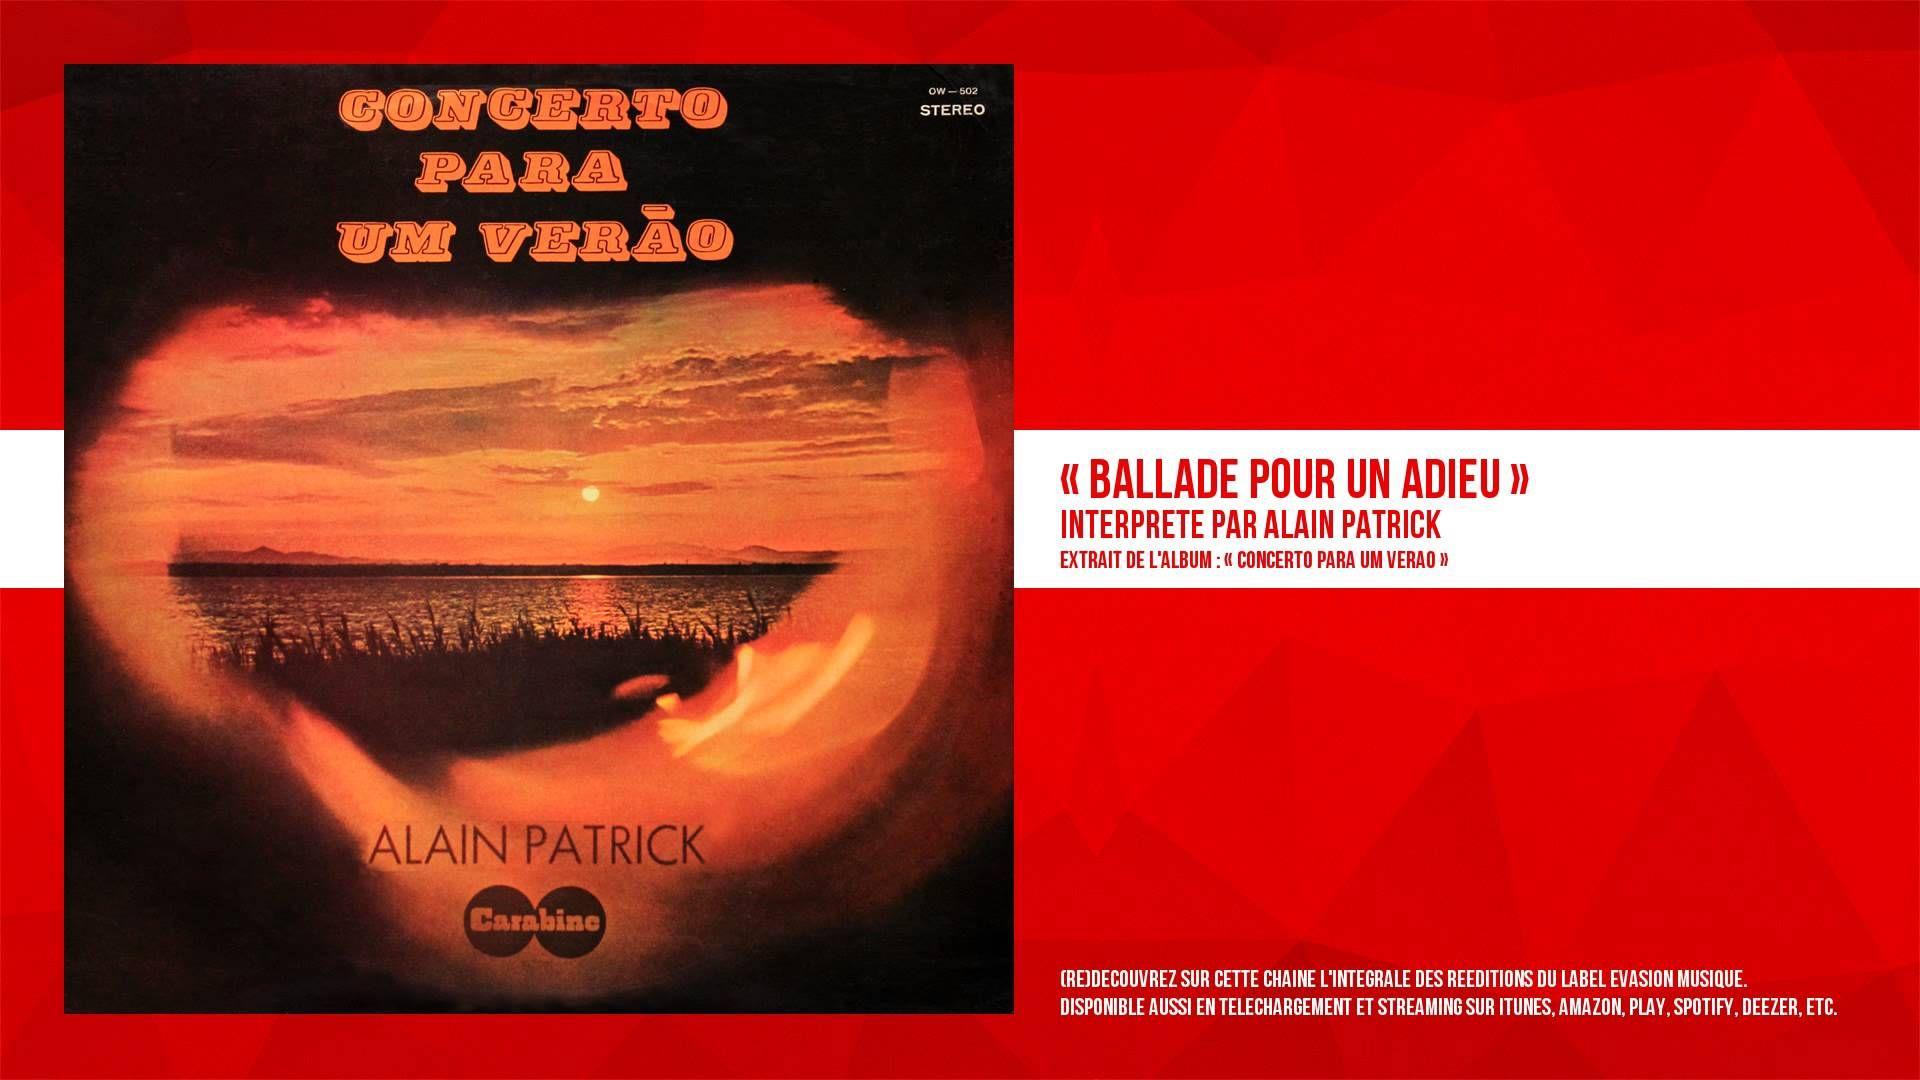 Alain Patrick - Ballade pour un adieu